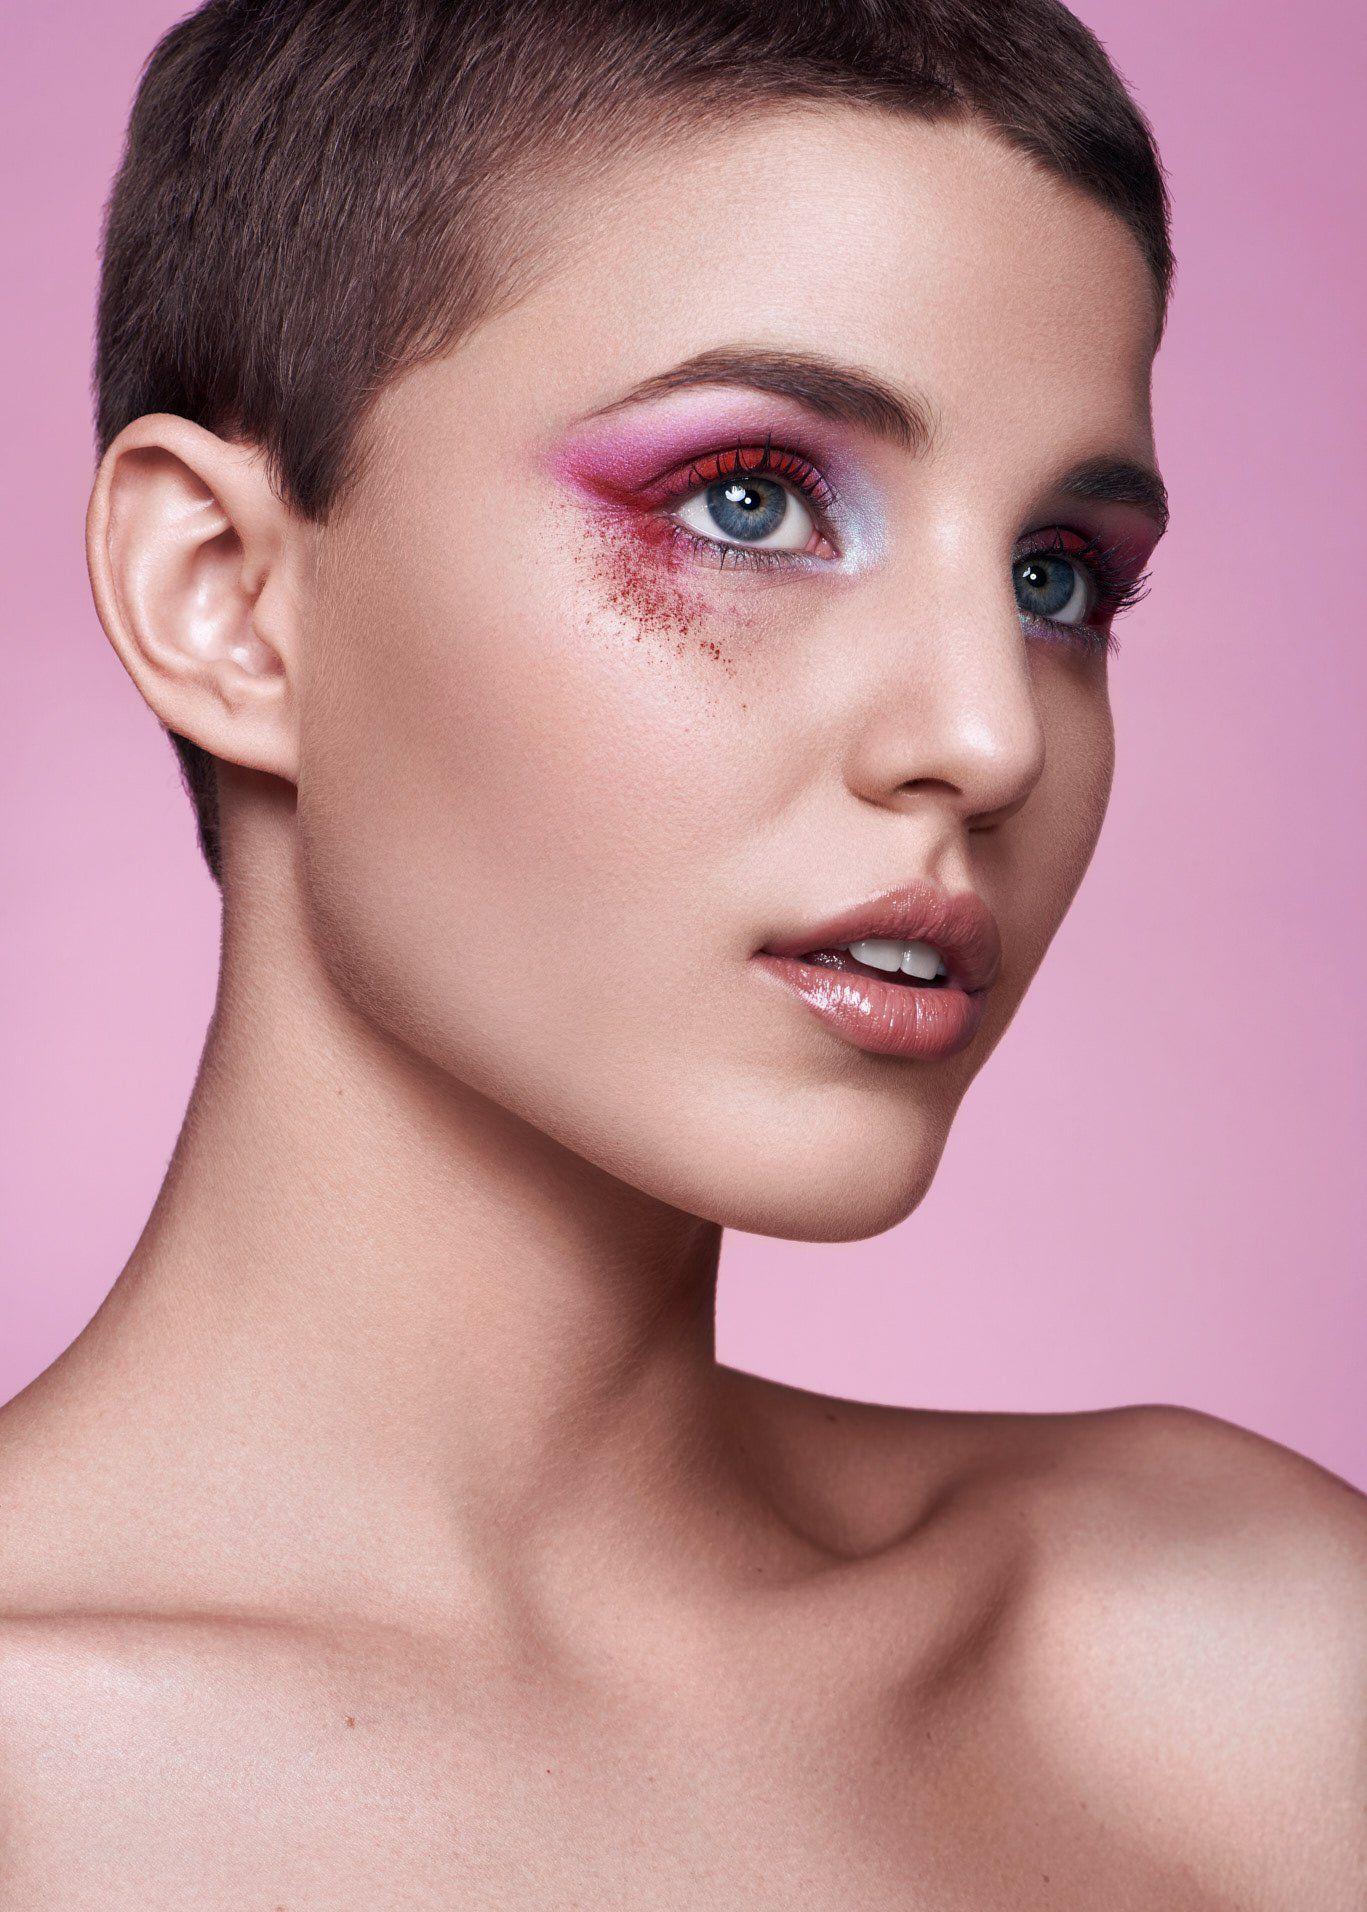 时尚造型 关于眼妆的创意,无辜而纯真,迷人而魅惑